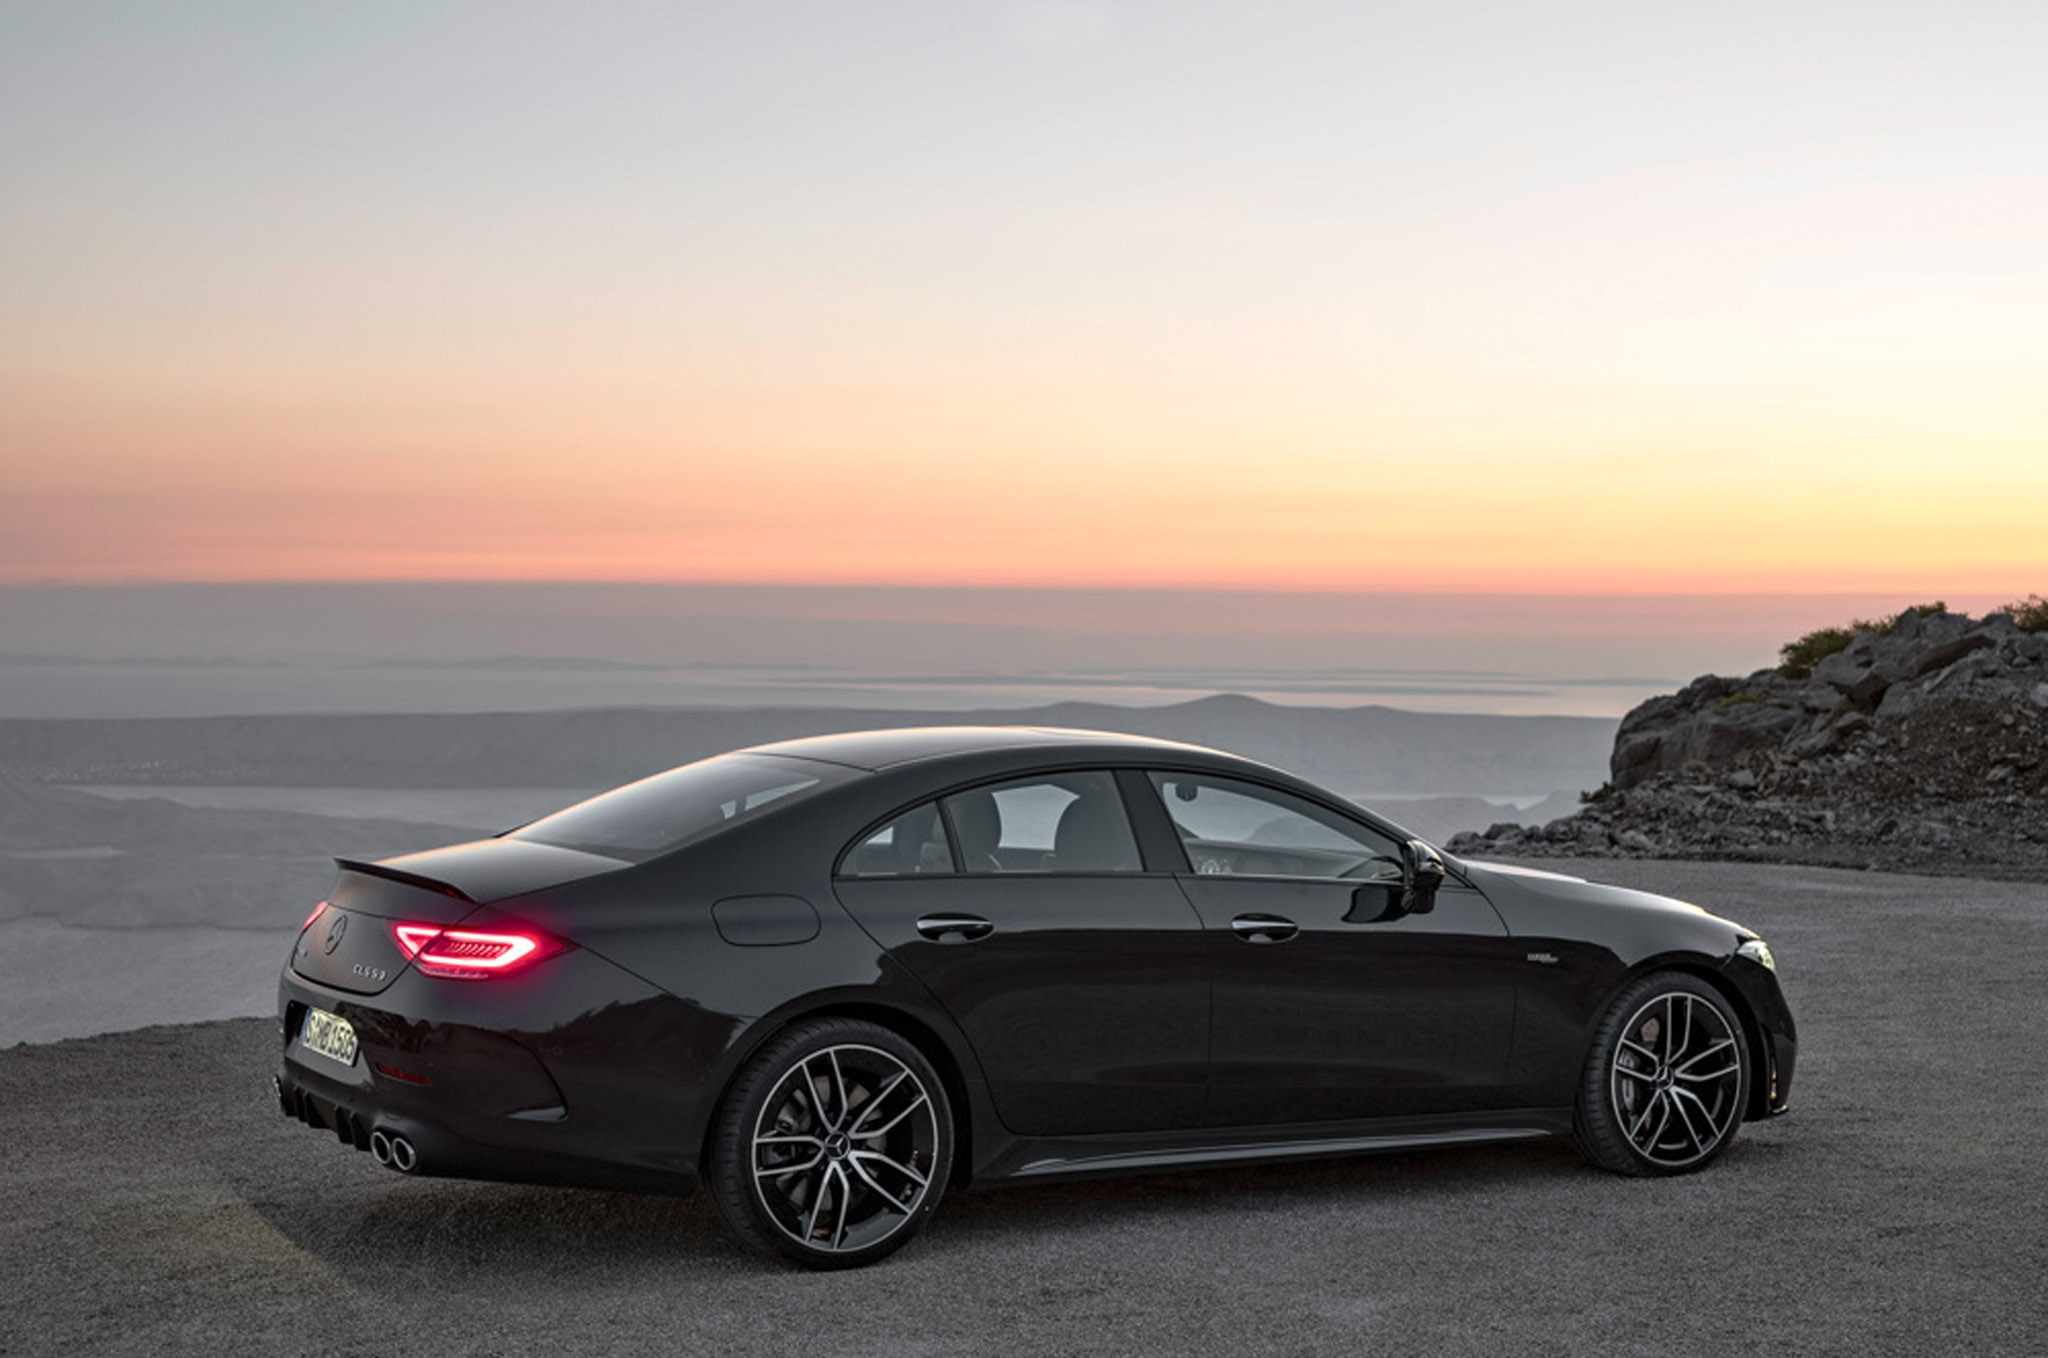 http://st.automobilemag.com/uploads/sites/11/2018/01/2019-Mercedes-AMG-CLS-53_091.jpg